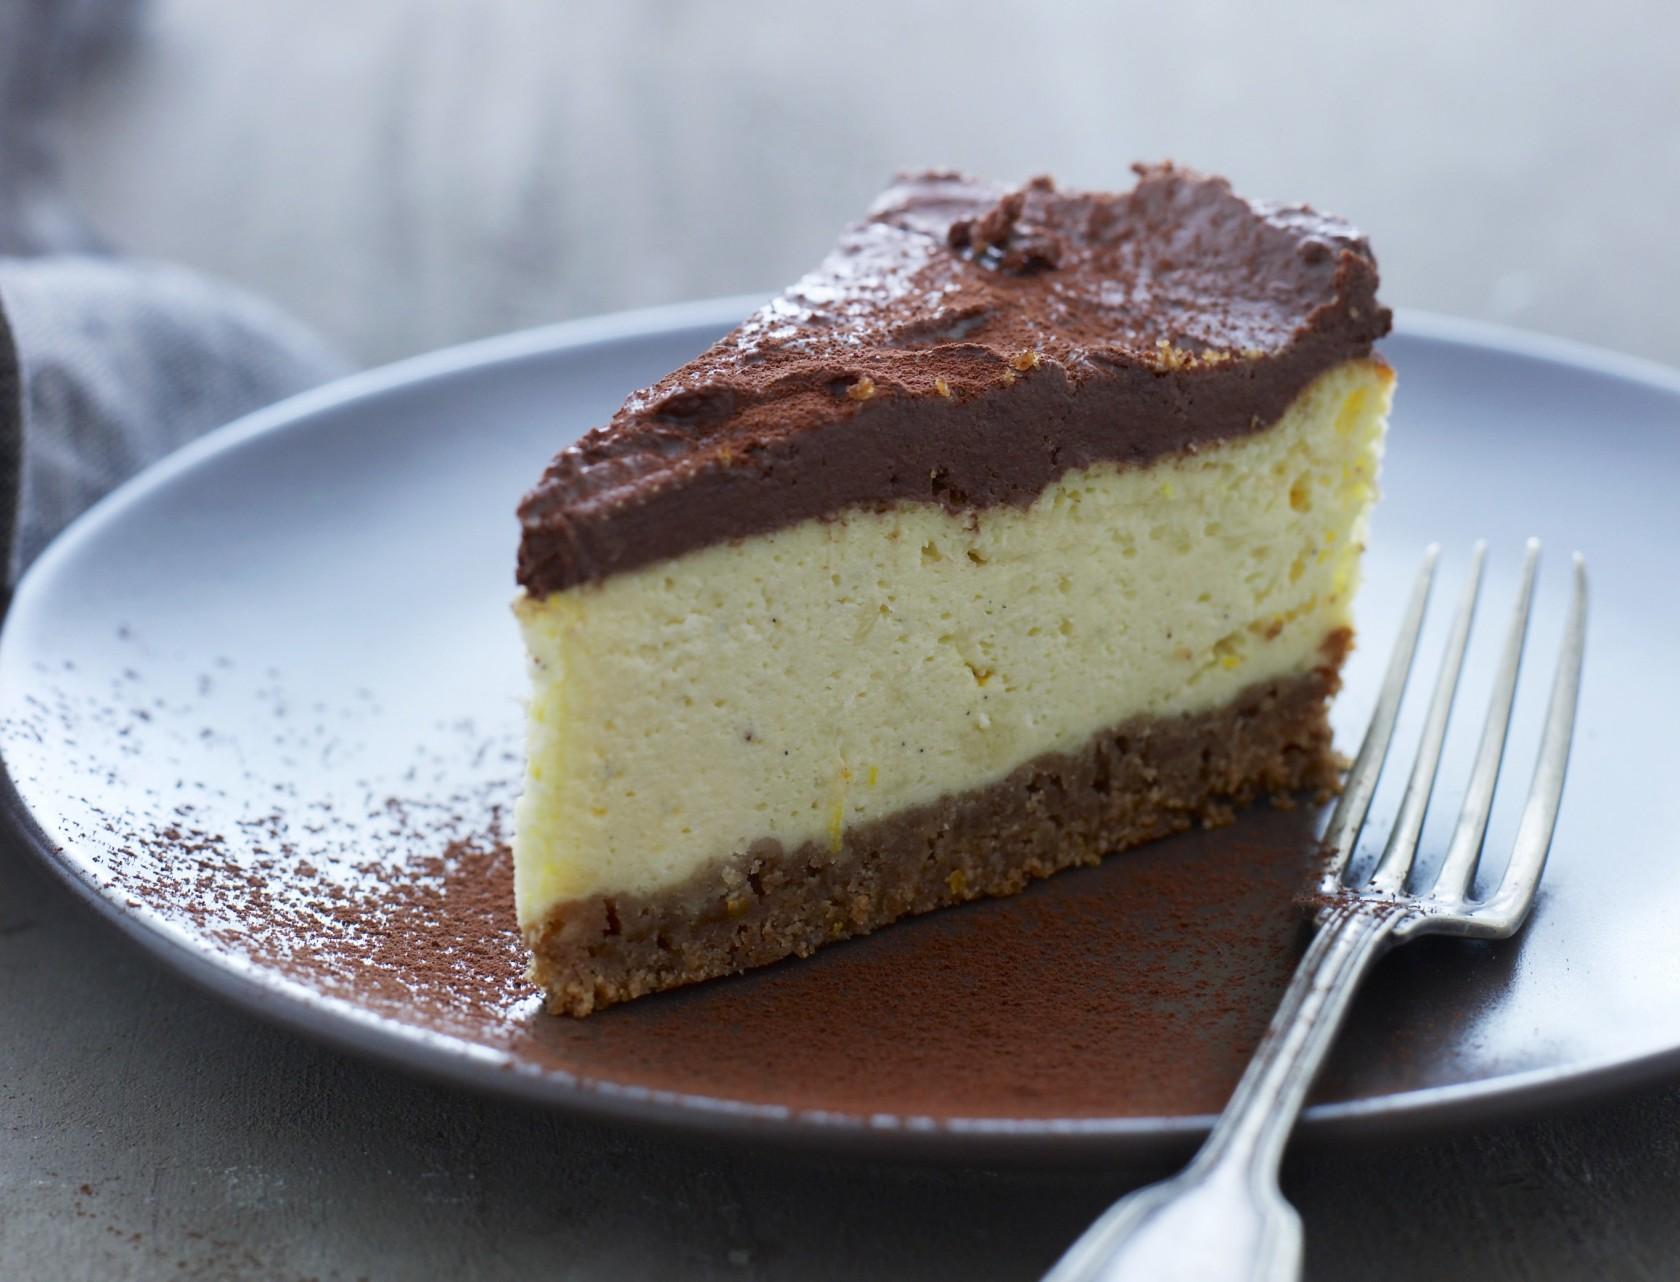 Cheesecake med chokoladetopping - den lækreste ostelagkage!